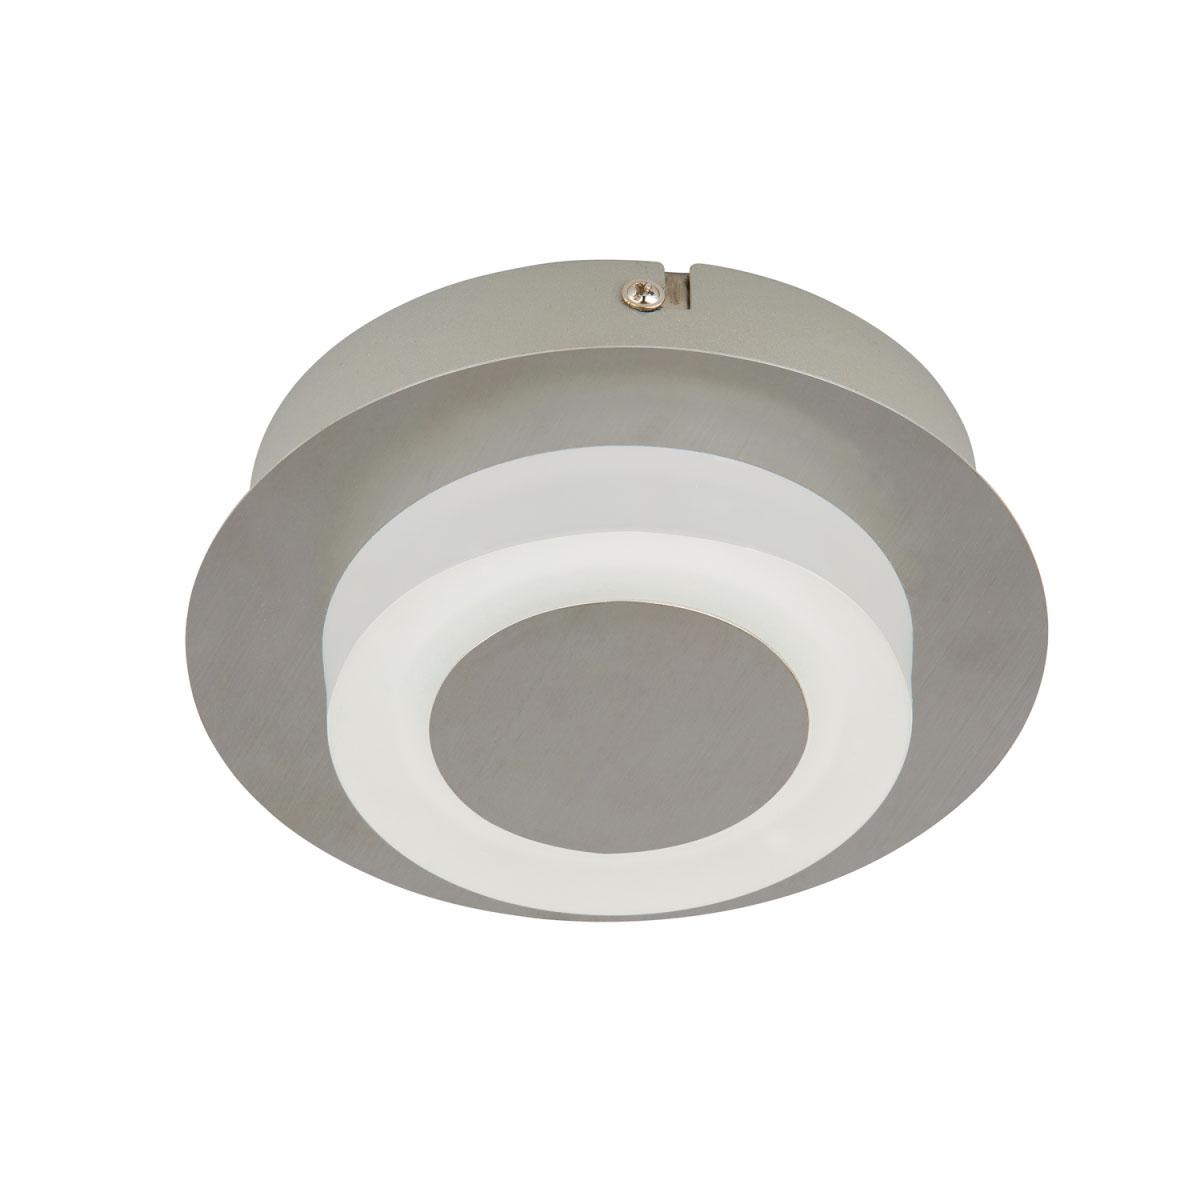 """Deckenleuchten - LED Deckenleuchte """"Simple"""", matt, 1 flammig, 6W  - Onlineshop Hellweg"""